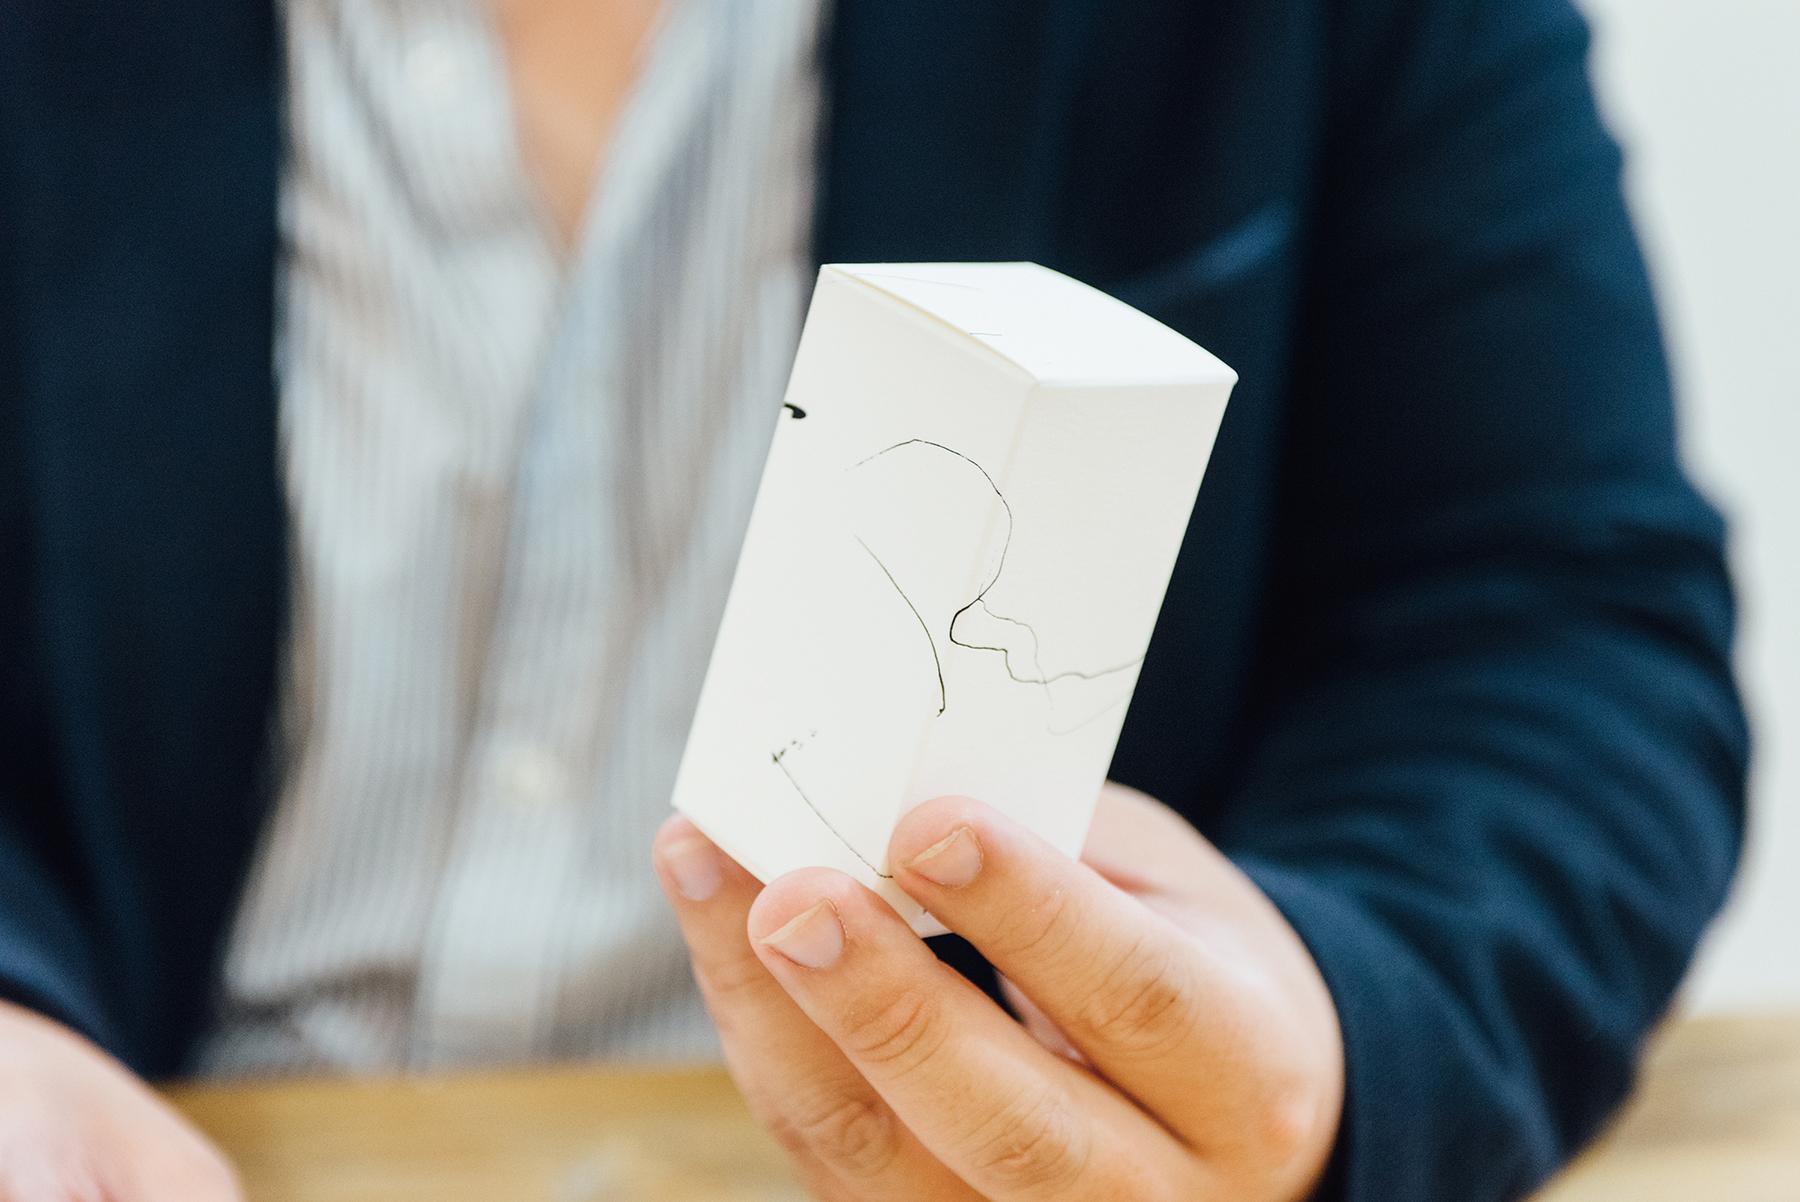 為了表現印刷和加工後的效果,竹尾スノーブル-FS同名紙樣《Snoble》將該紙製做成大小盒子、吊牌和紙卡。